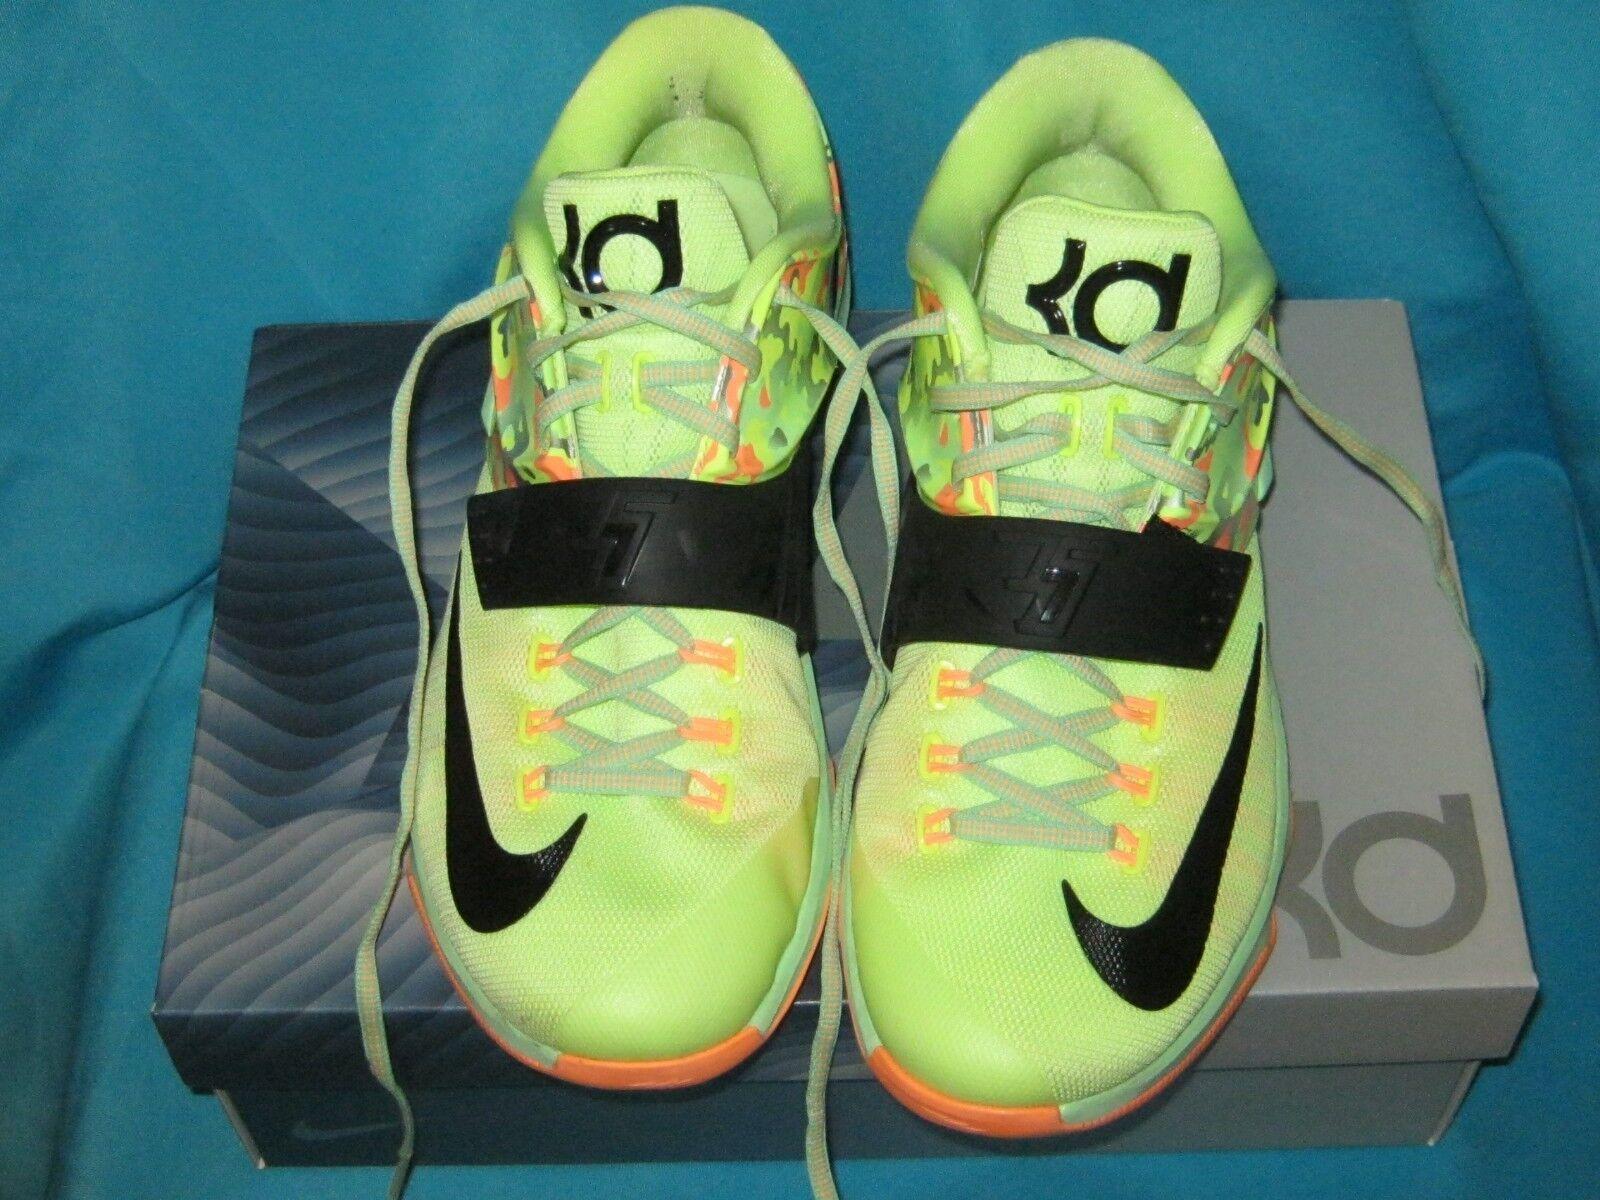 Nike kd vii 7 ostern flüssigkeit kalk viper schwarze grüne schwarze viper sonnenuntergang glo 653996 304 größe 11. 881348